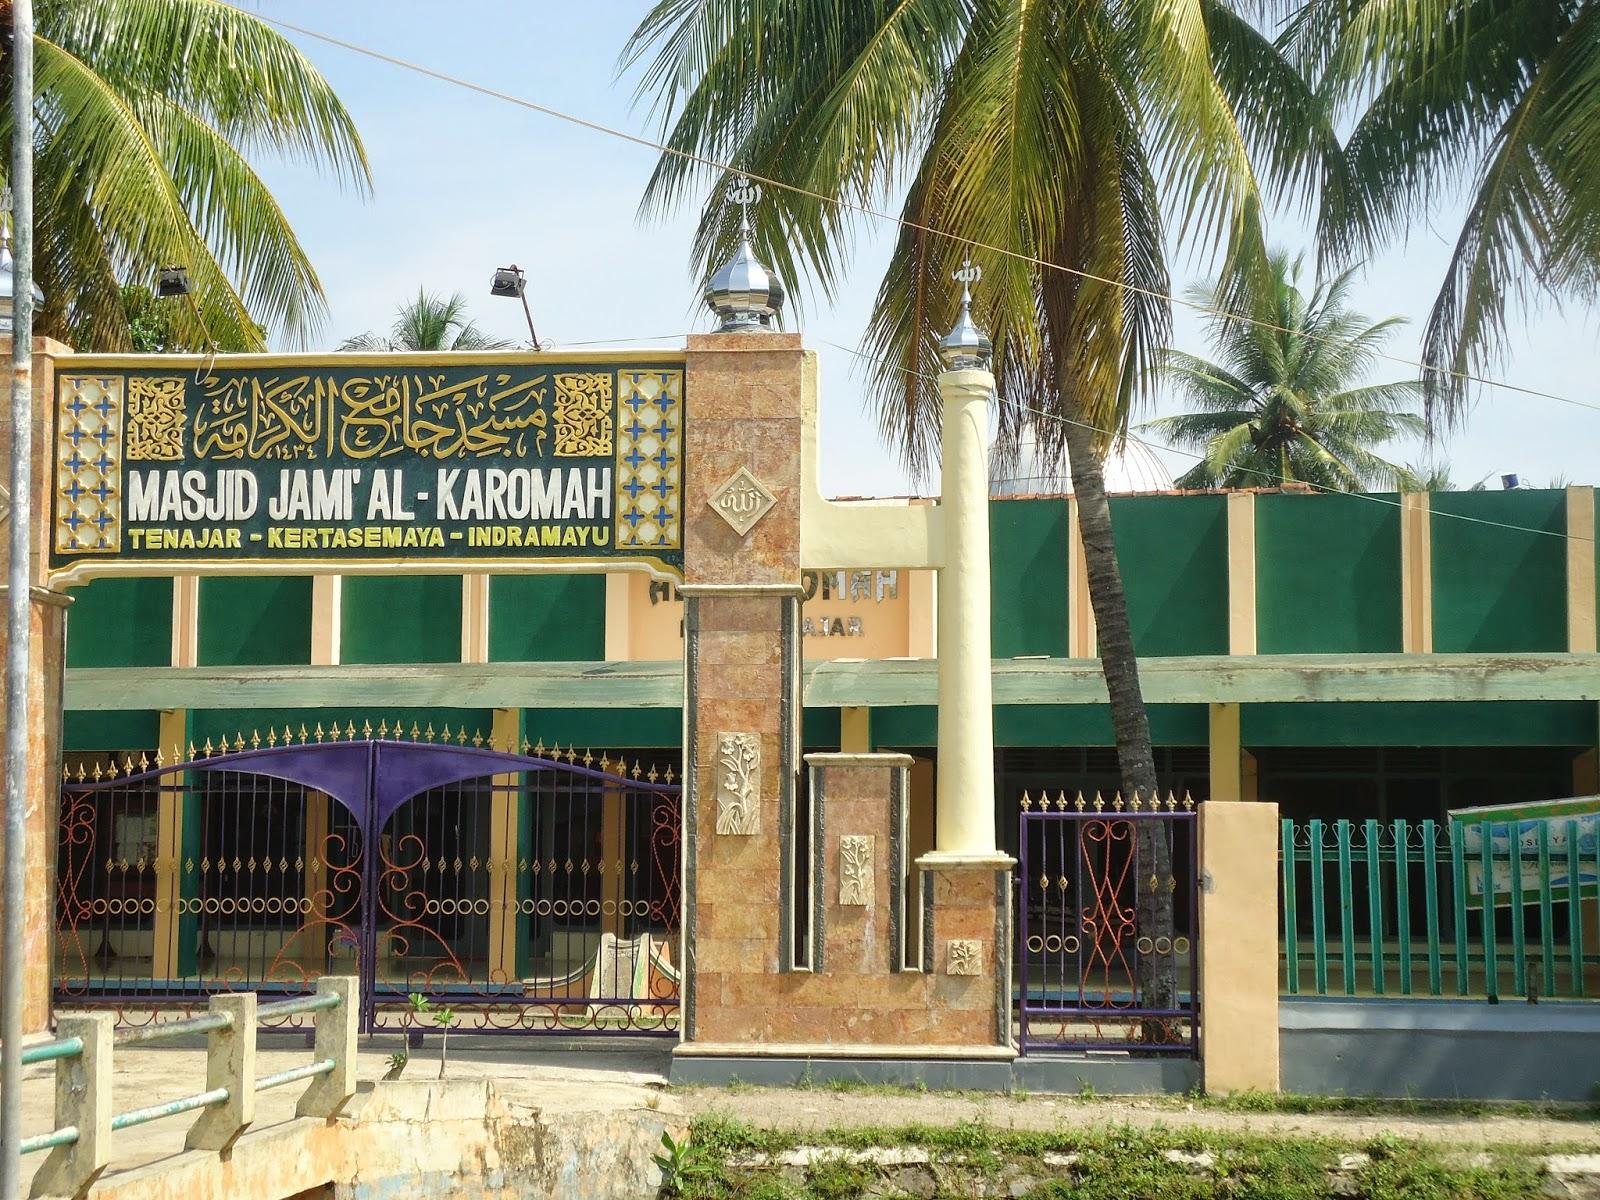 Asal-usul Desa Tenajar Kecamatan Kertasemaya